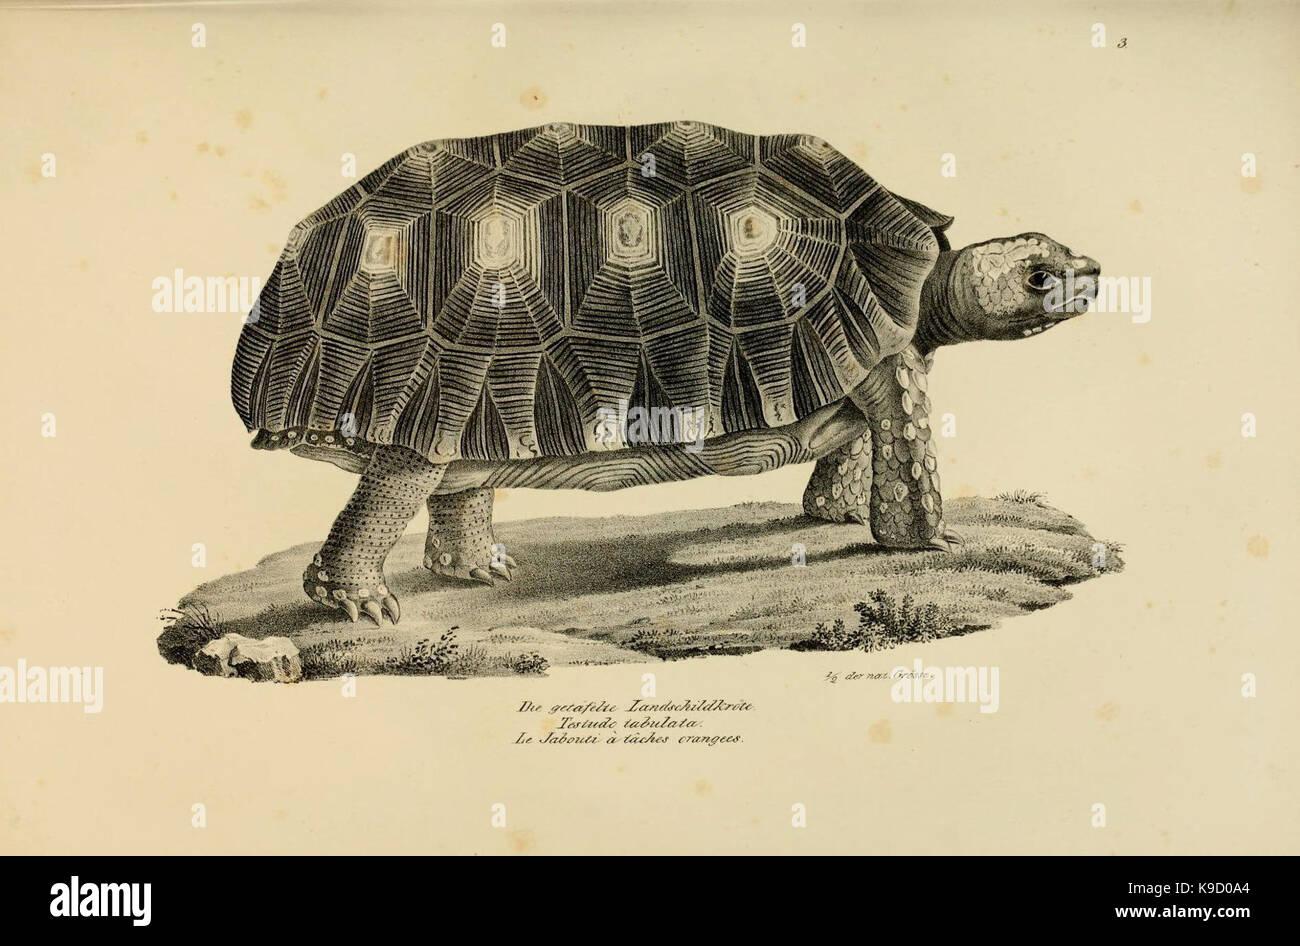 Naturgeschichte und Abbildungen der Reptilien (6059763778) - Stock Image